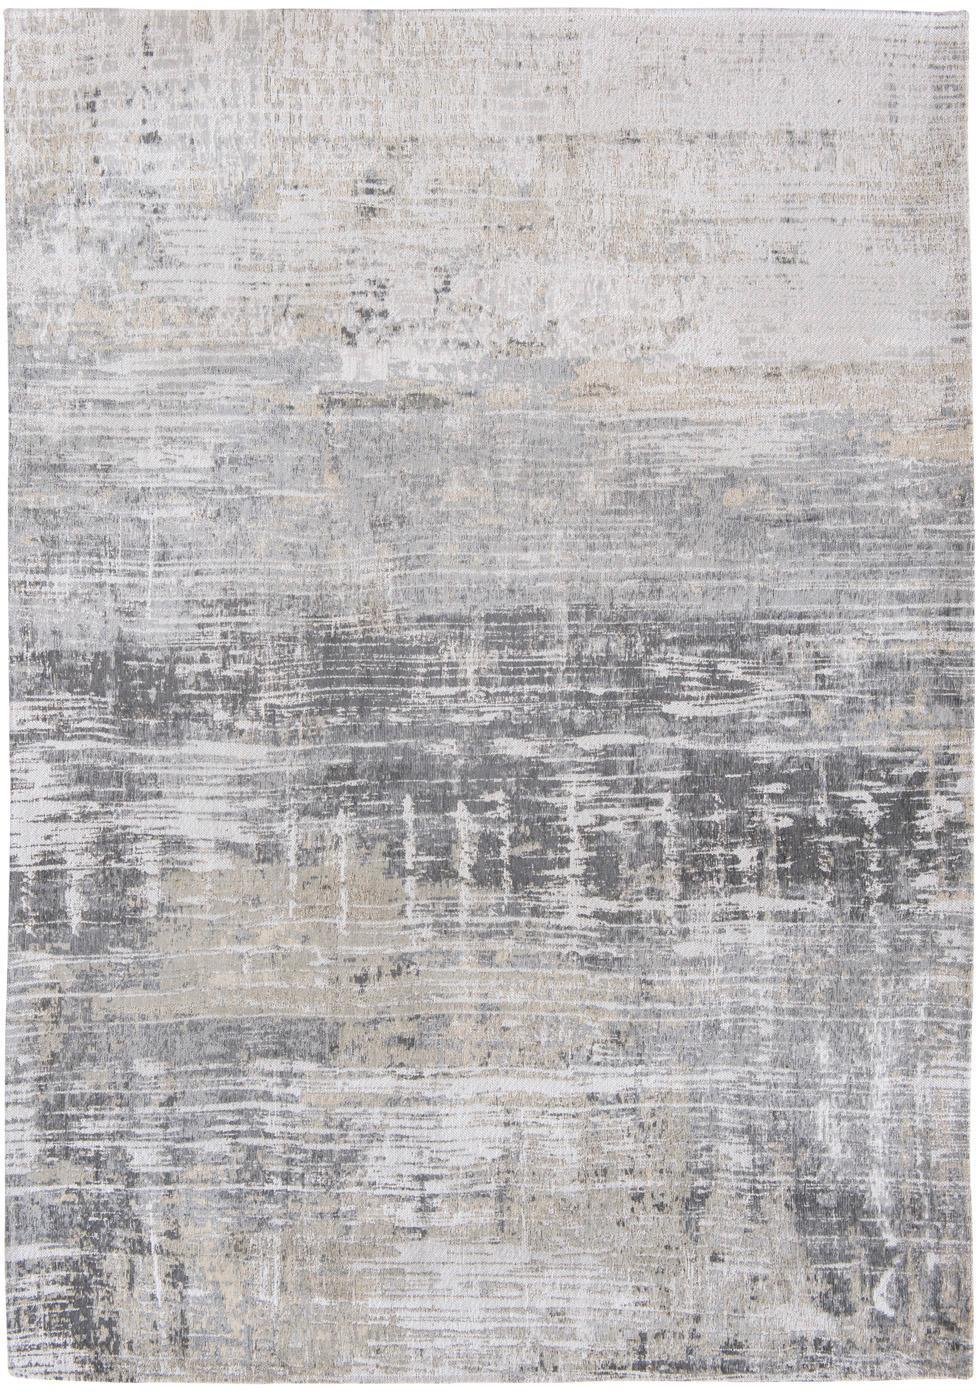 Design vloerkleed Streaks in grijs, Bovenzijde: 85%katoen, 15%hoogglanz, Weeftechniek: jacquard, Onderzijde: katoenmix, gecoat met lat, Grijstinten, 140 x 200 cm